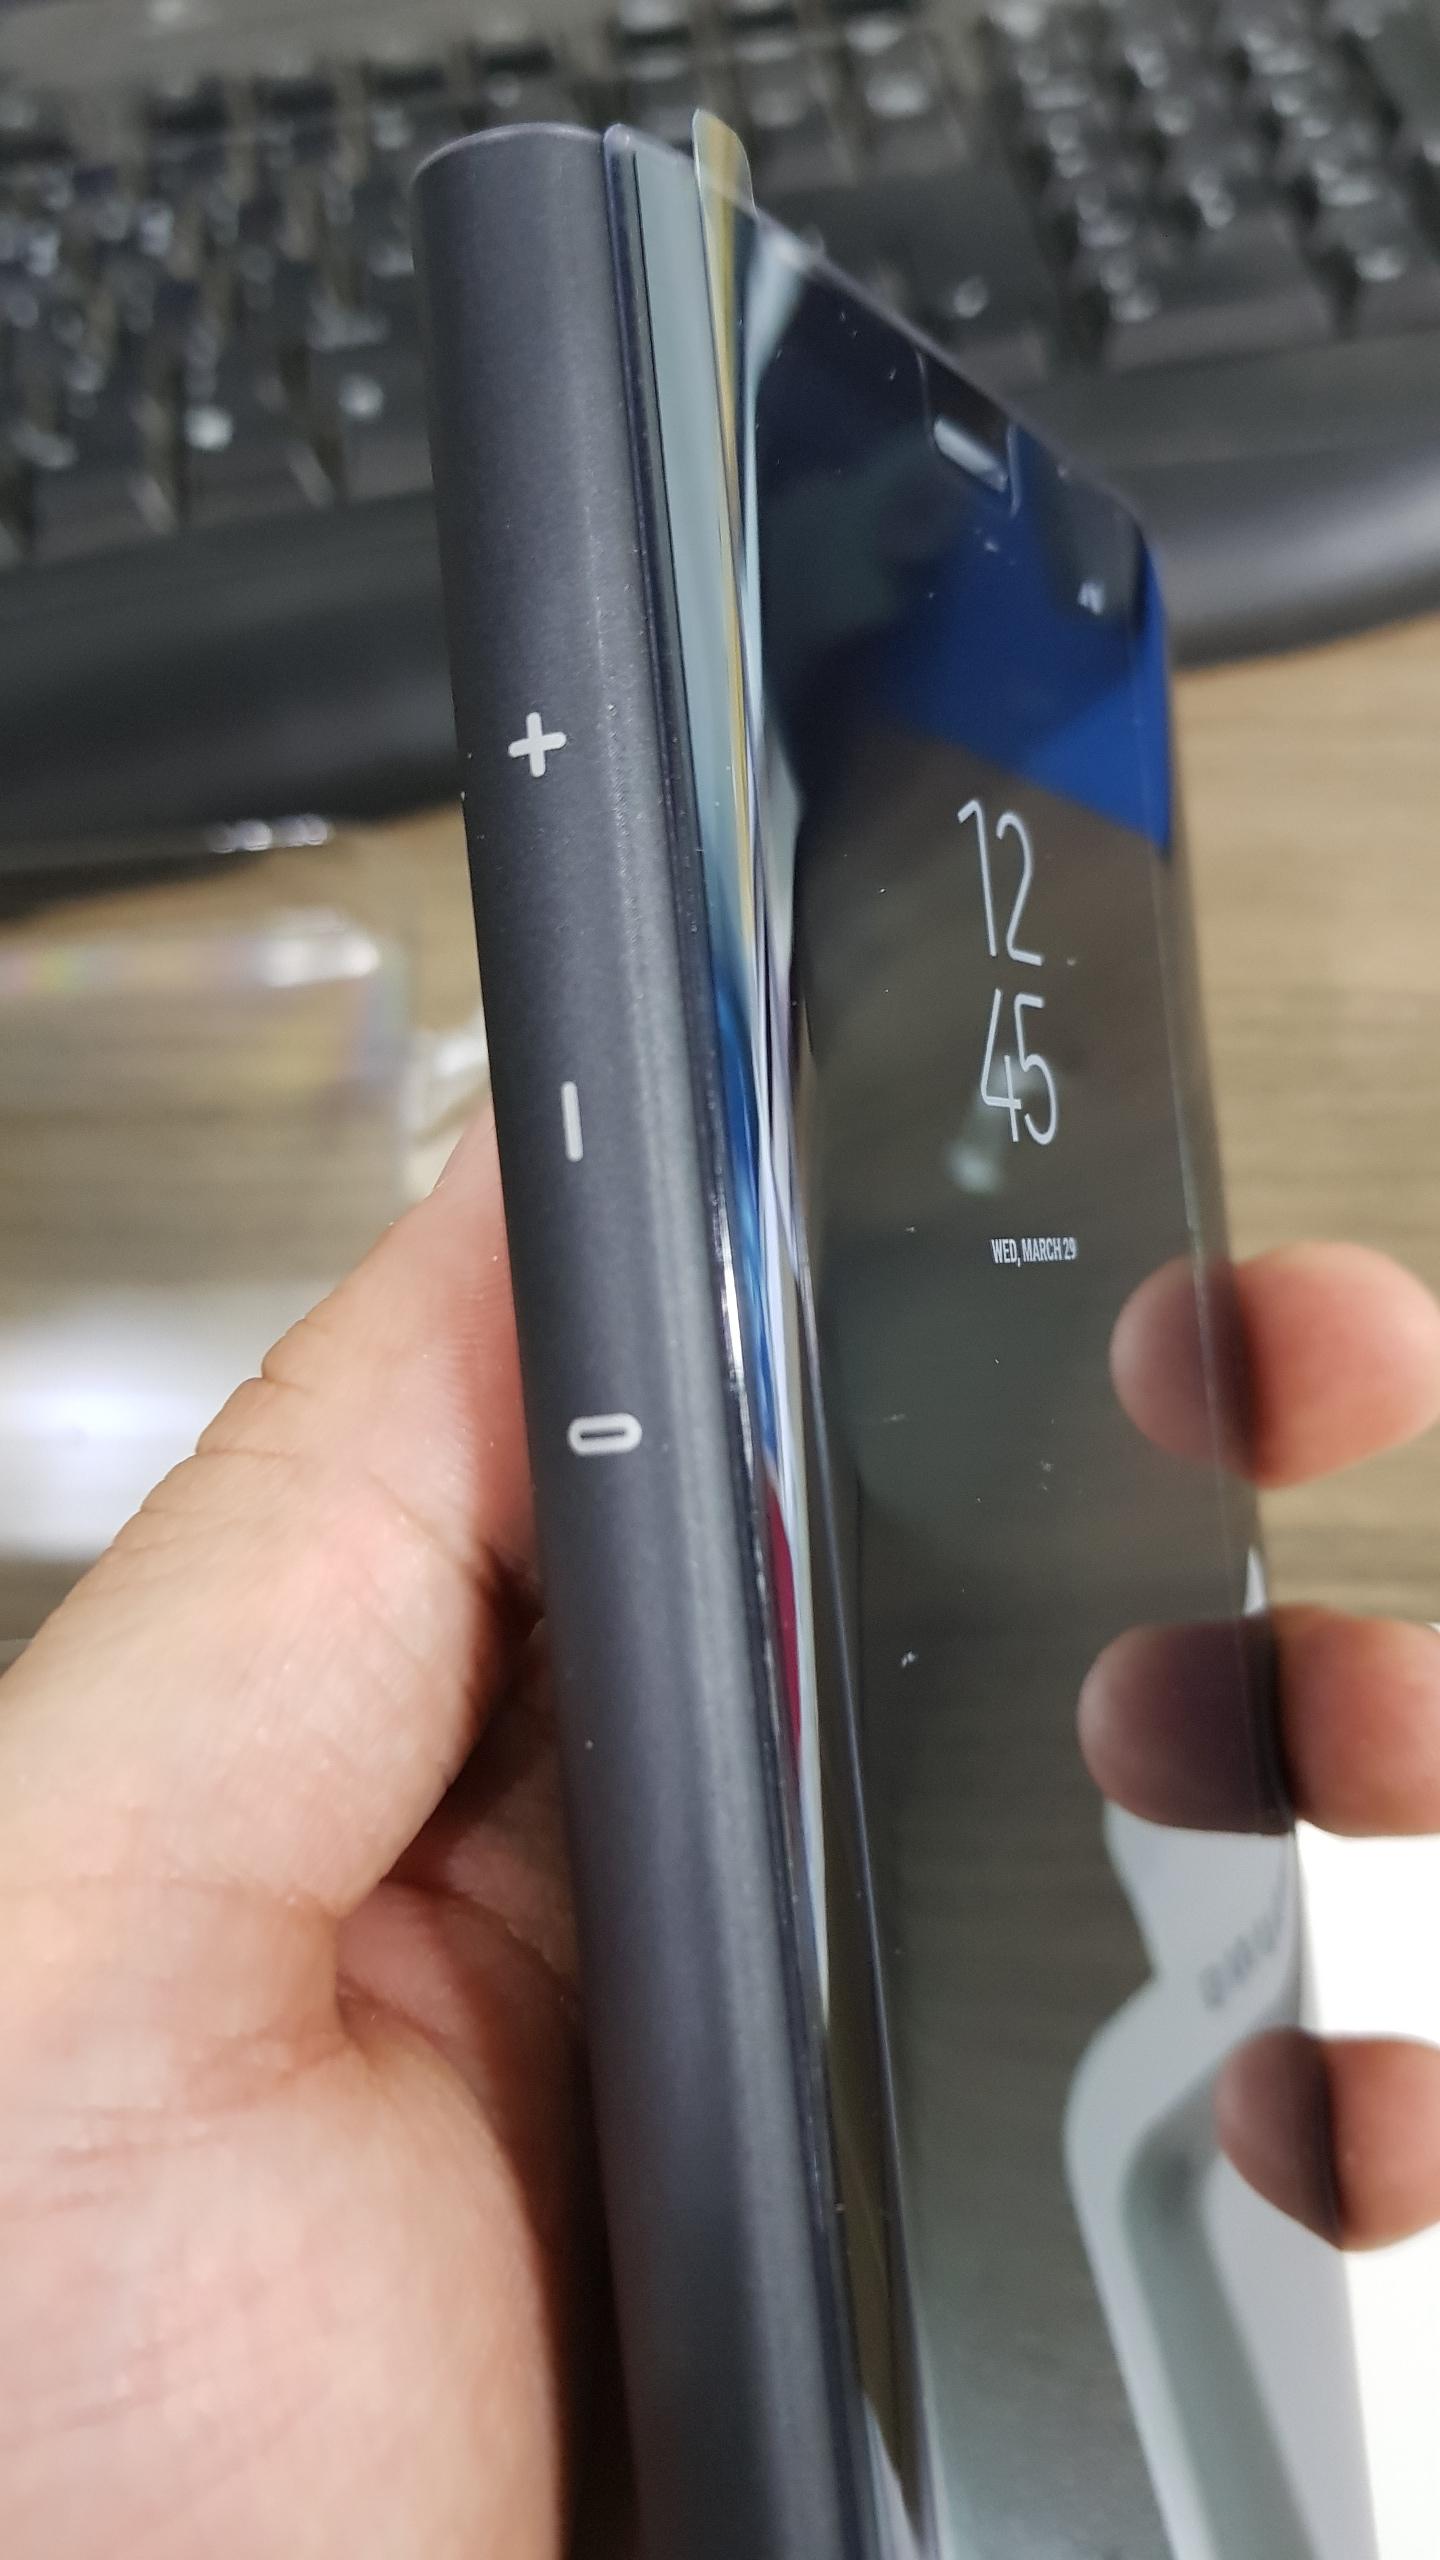 갤럭시 S8 플러스 클리어뷰 스탠딩 커버 좌측면